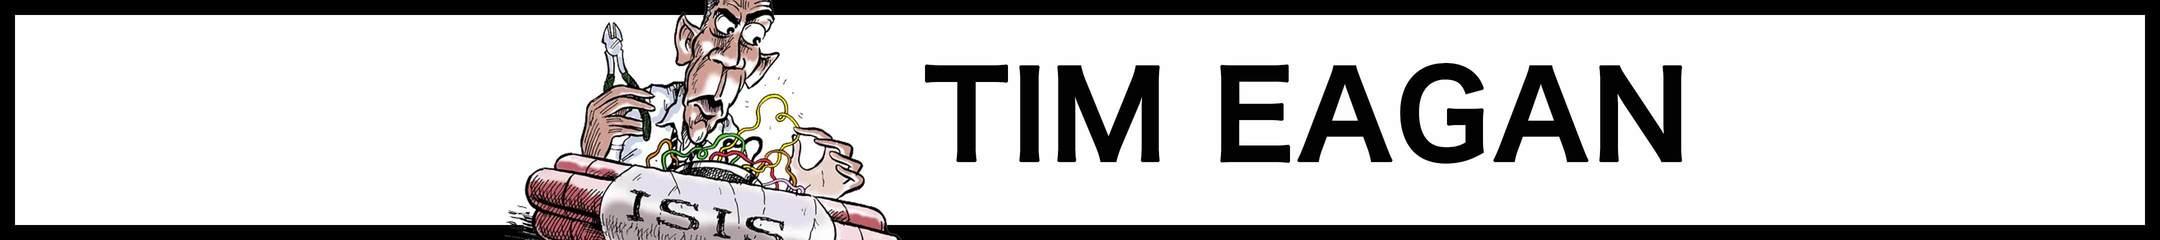 Tim Eagan